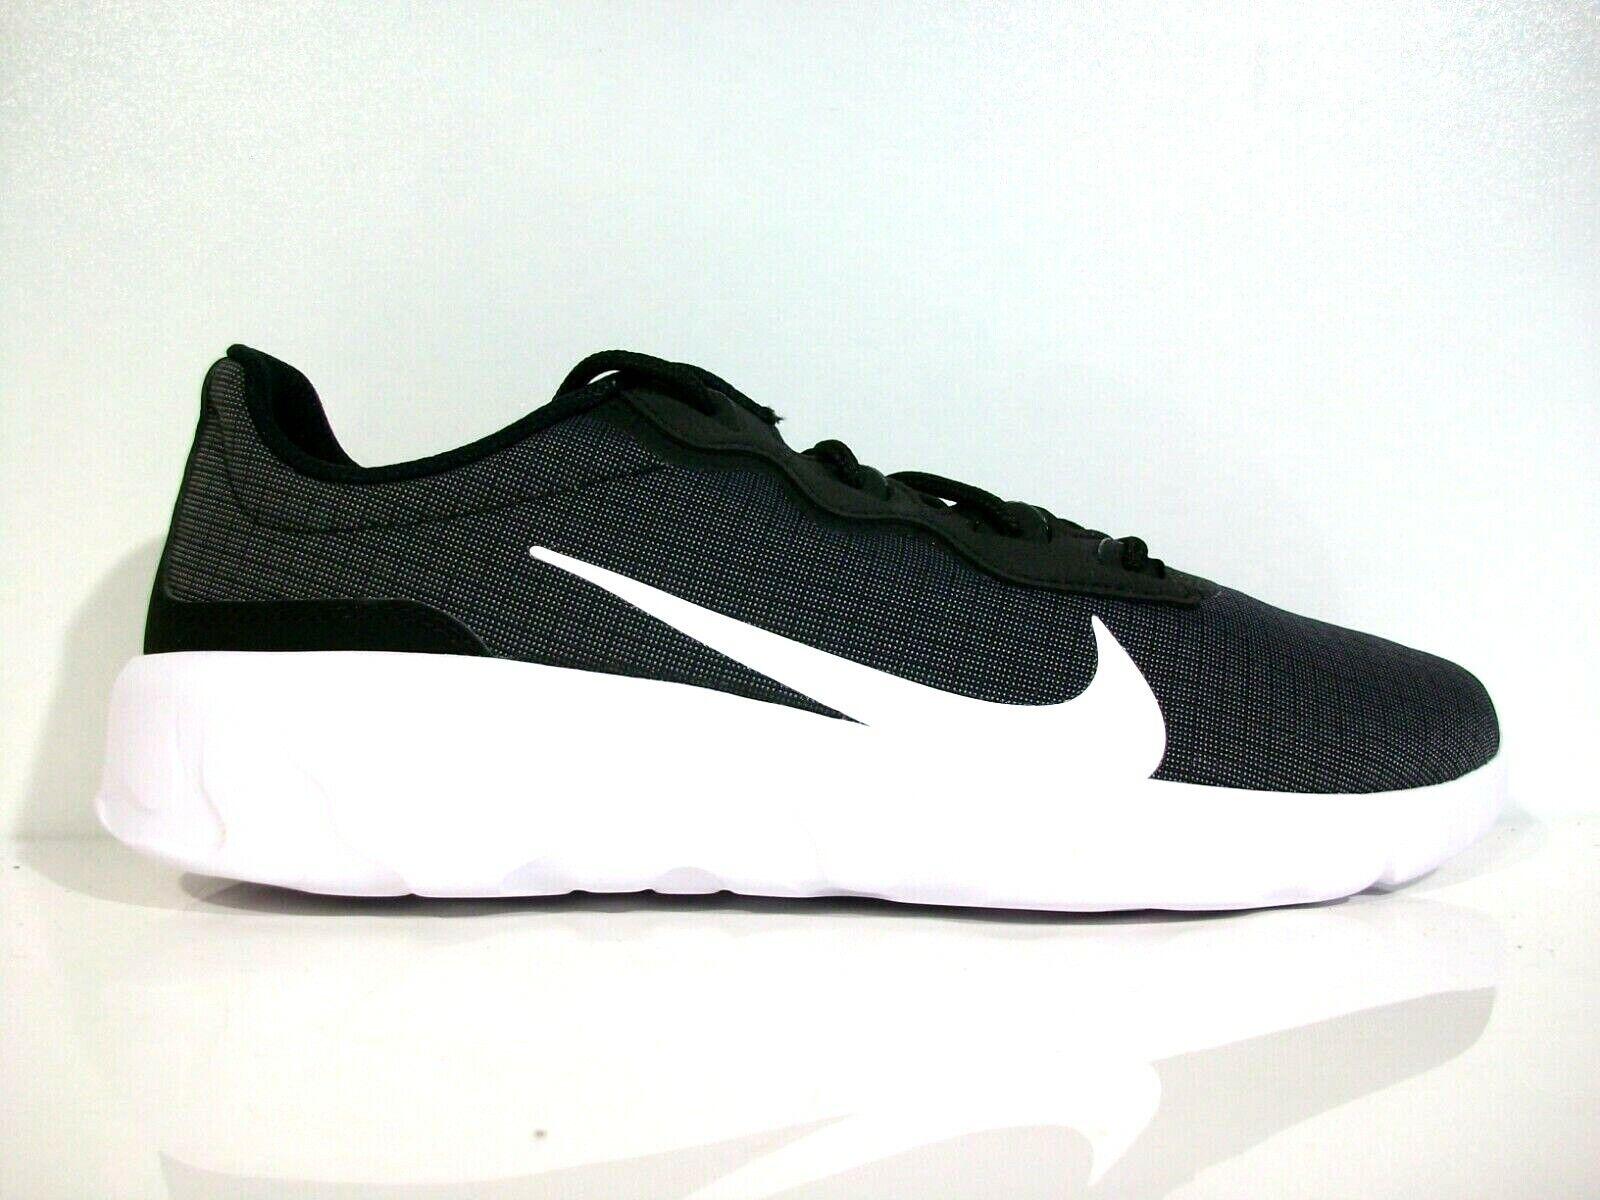 2VWF Reduziert Nike Internationalist Mid Winter Weiß Schwarz